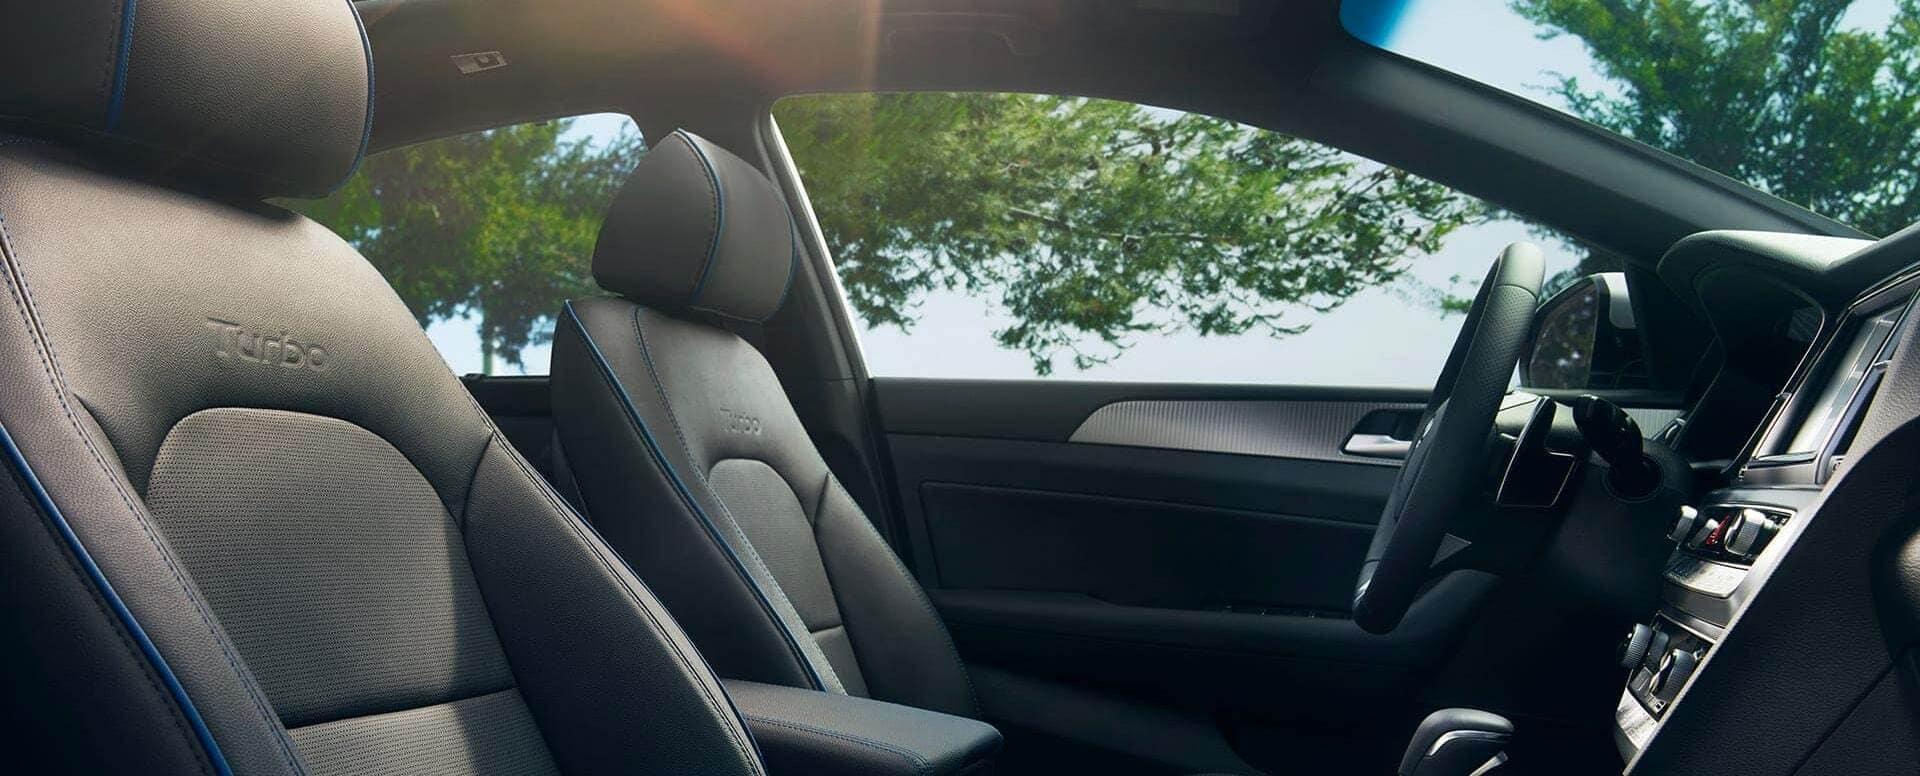 2018 Hyundai Sonata Interior Chicago IL